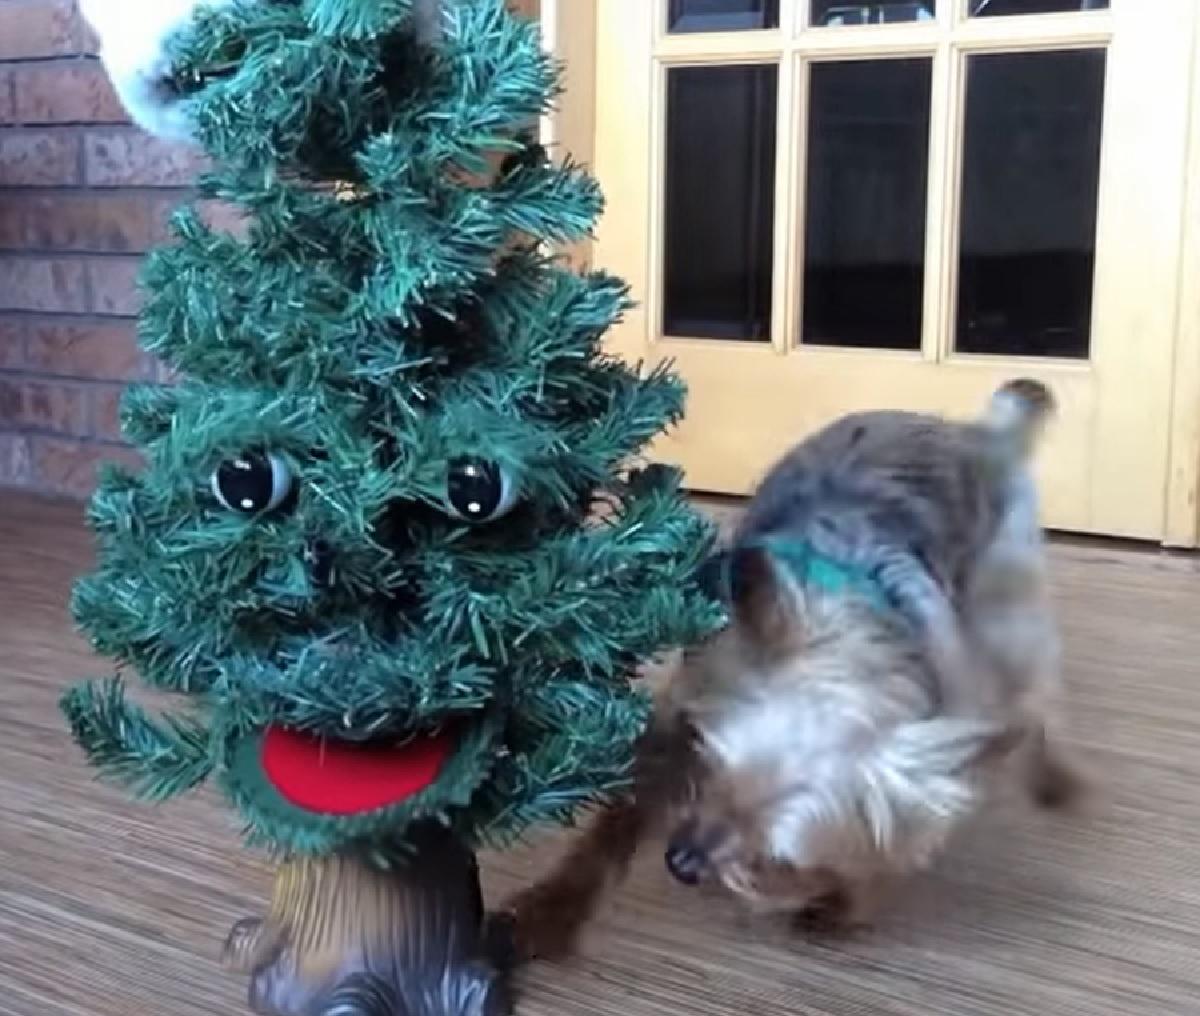 Cucciolo Silky Terrier alle prese con un albero di Natale parlante, il video vi migliorerà la giornata